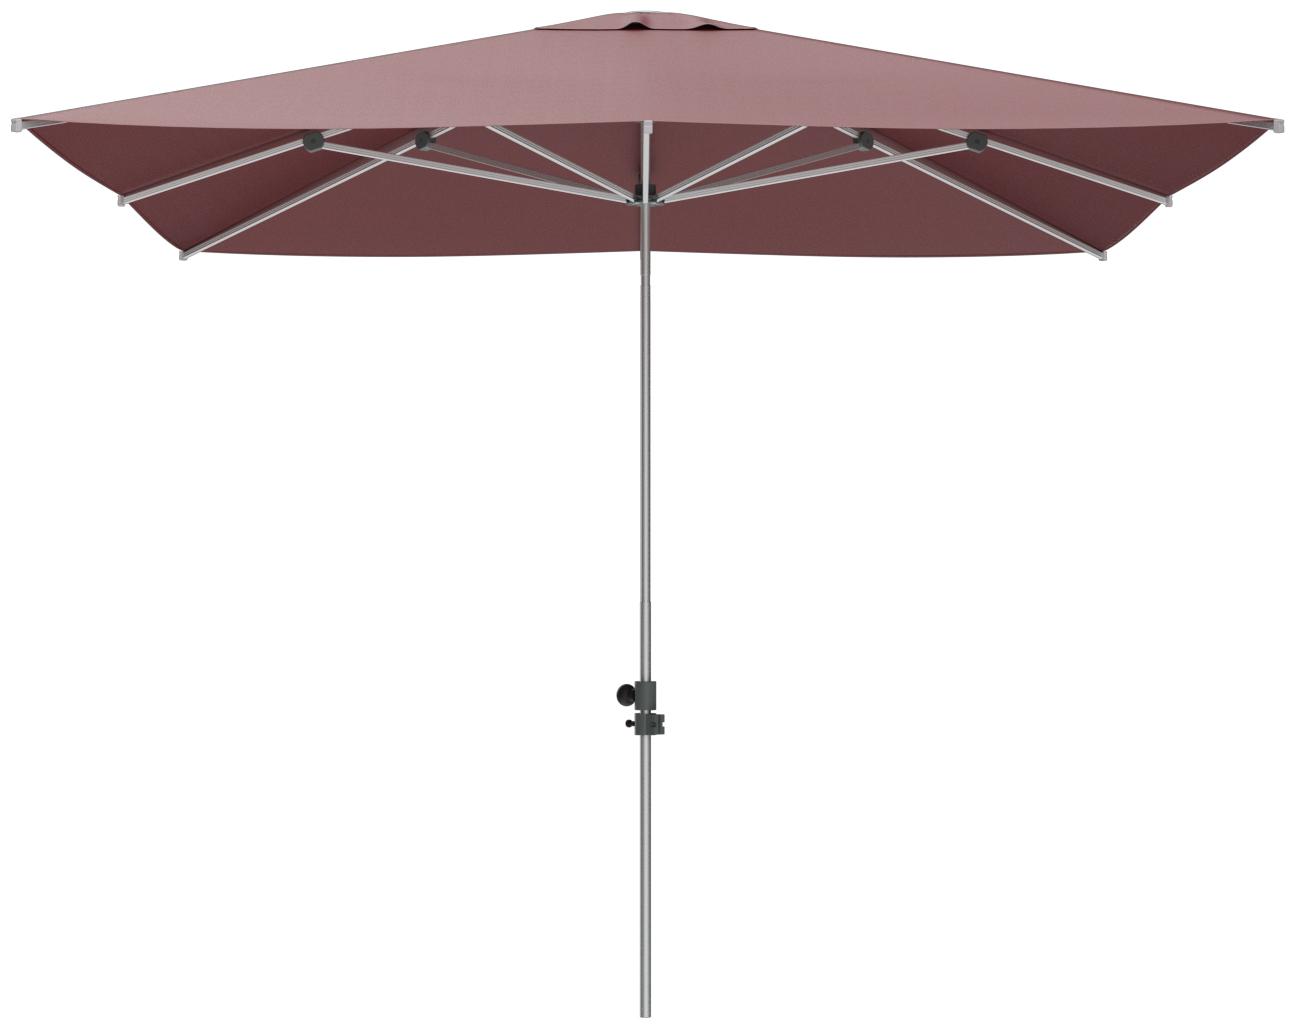 Abbildung Schirm Halina Vorderansicht